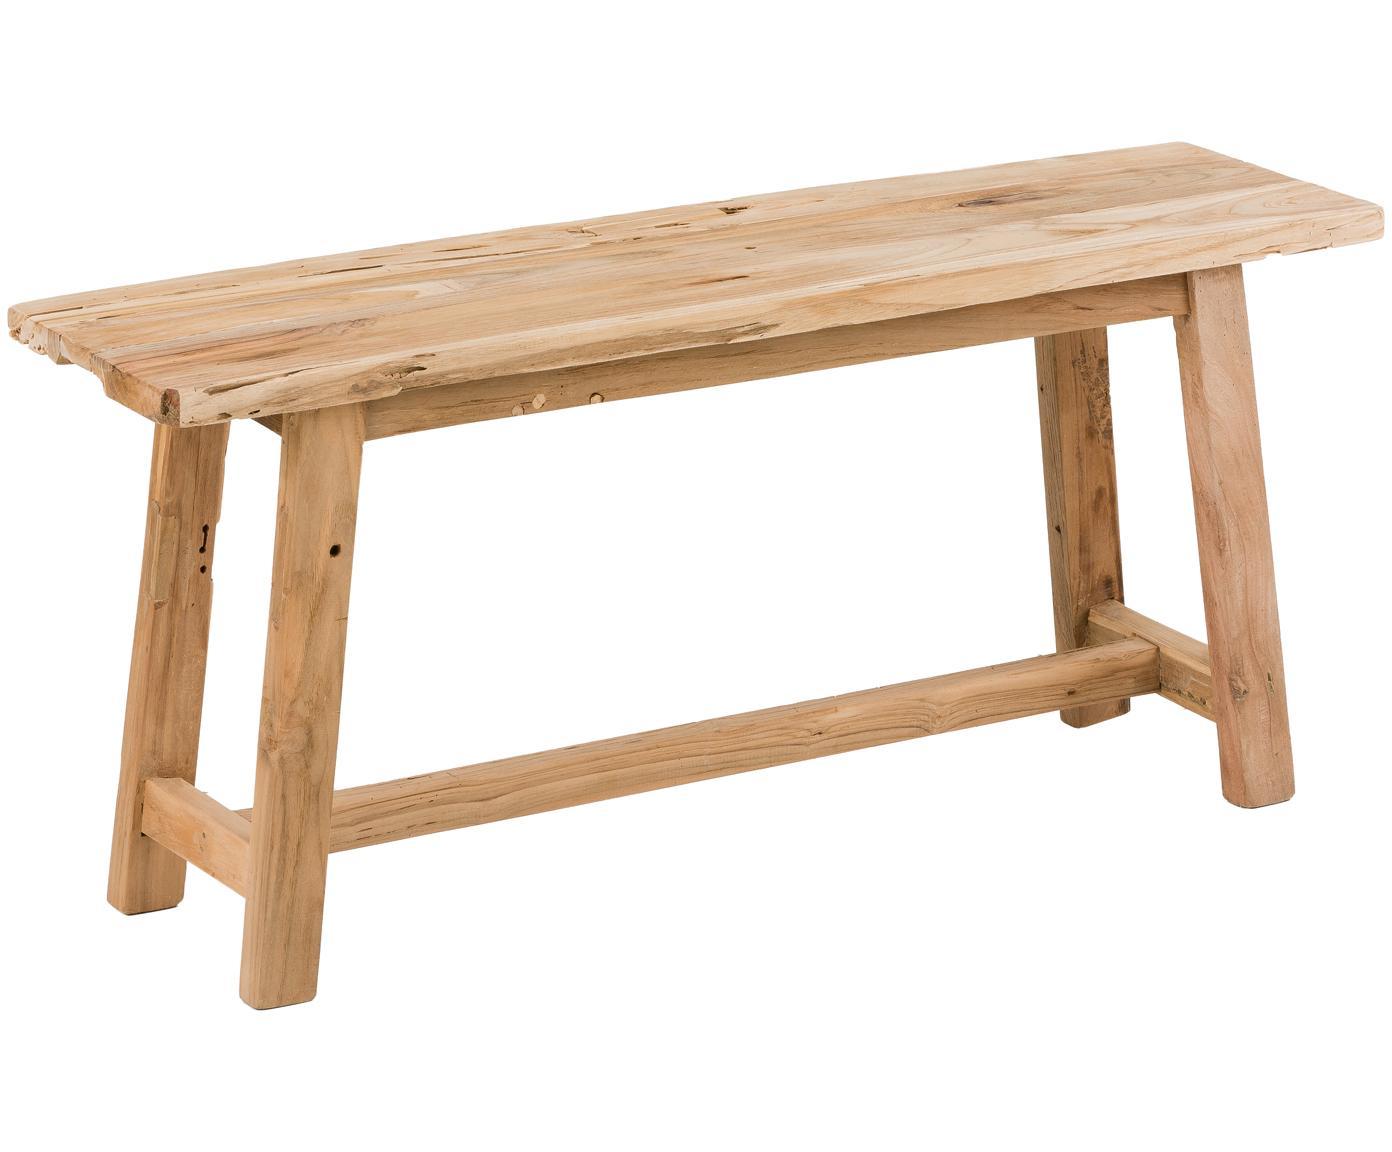 Ławka z drewna tekowego Lawas, Naturalne drewno tekowe, Drewno tekowe, 100 x 46 cm